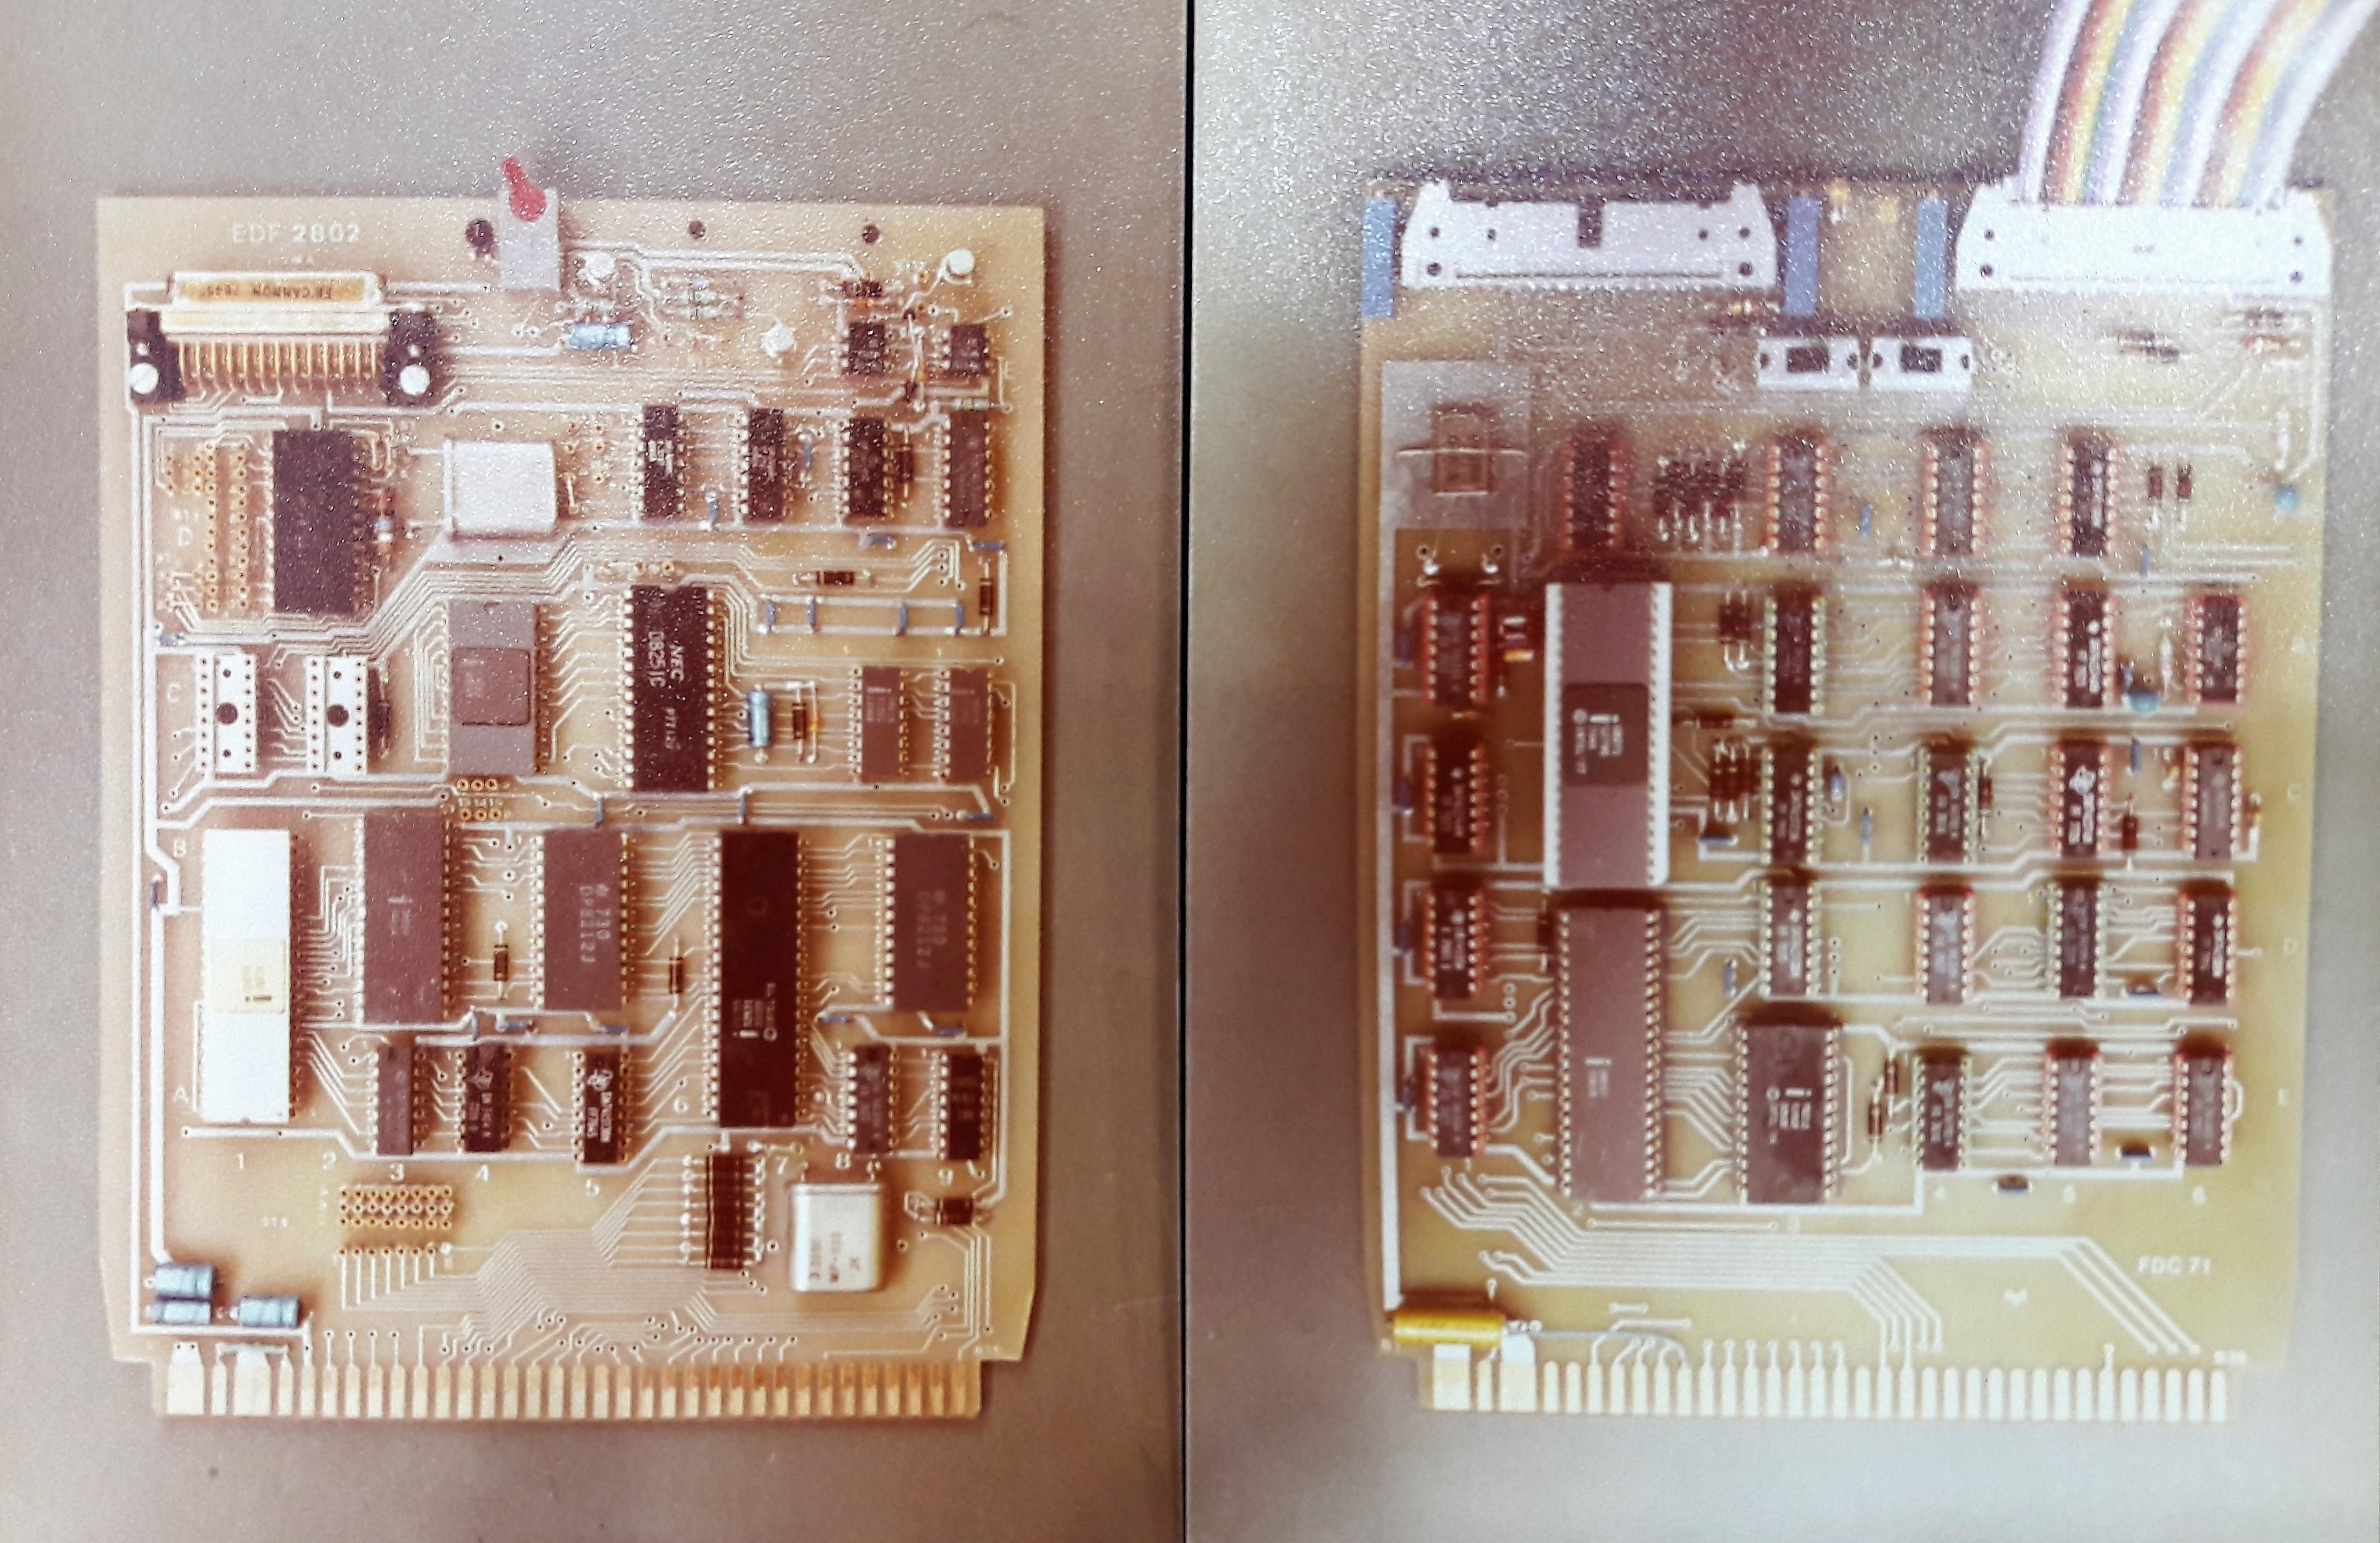 2 trong số những mạch in (PCB: Printed Circuit Board) được chế tạo để dùng trong máy vi tính VT81 do Việt Nam sản xuất năm 1979.